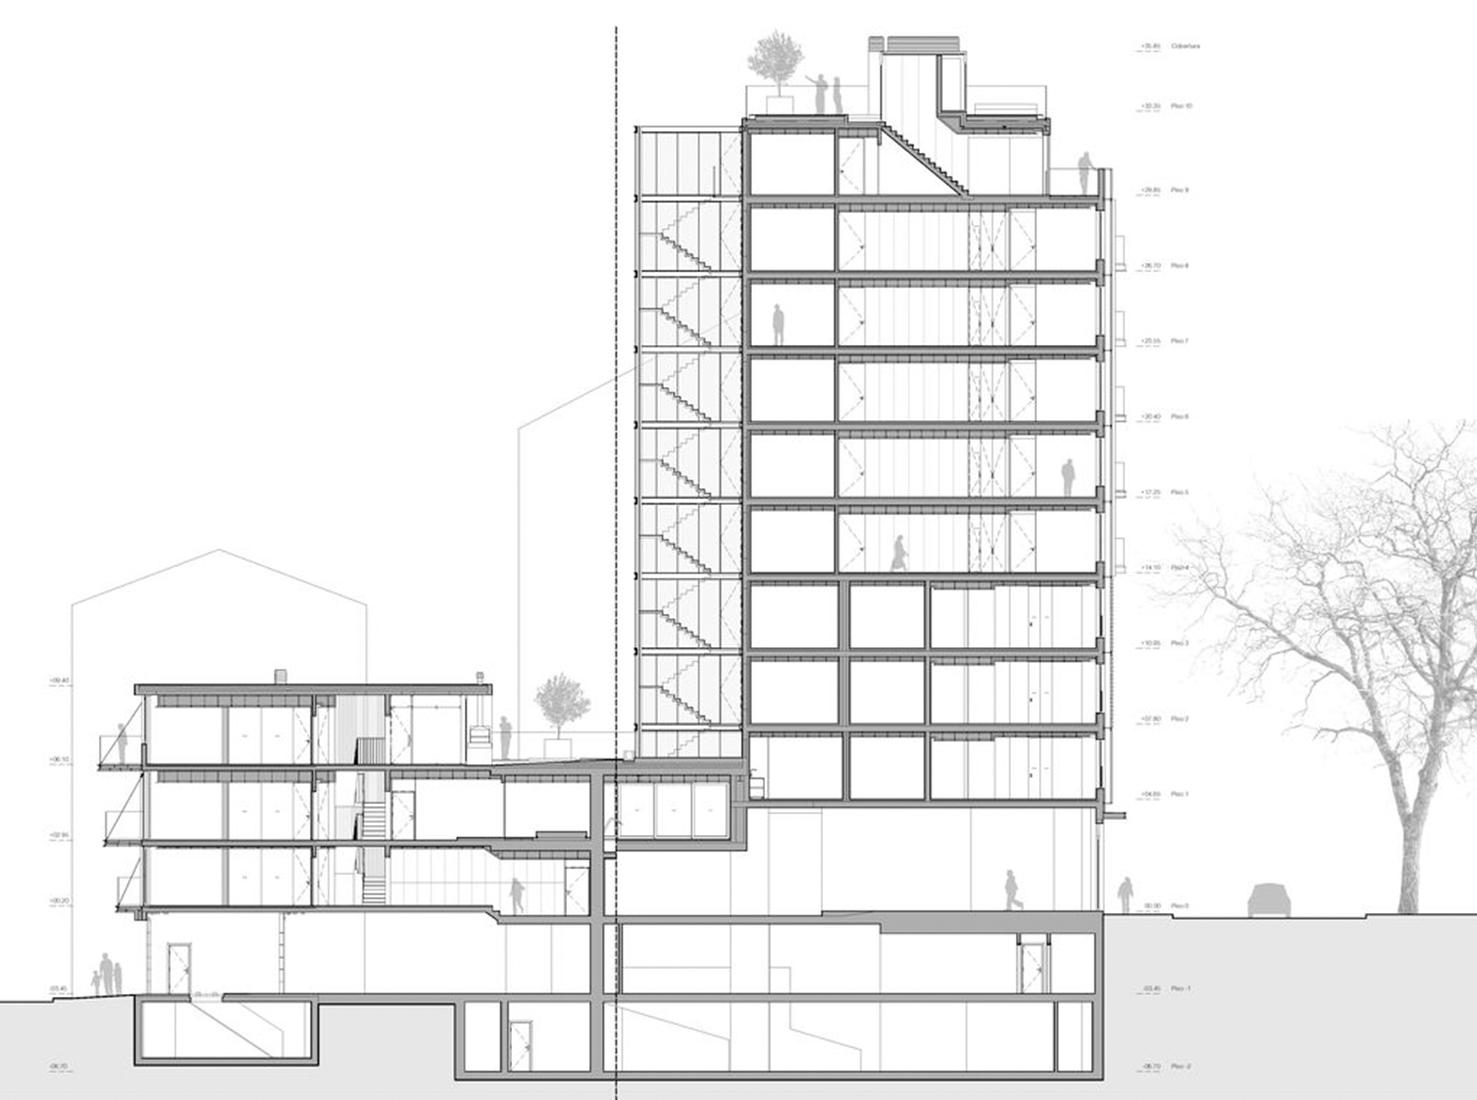 Планировка жилого дома фото